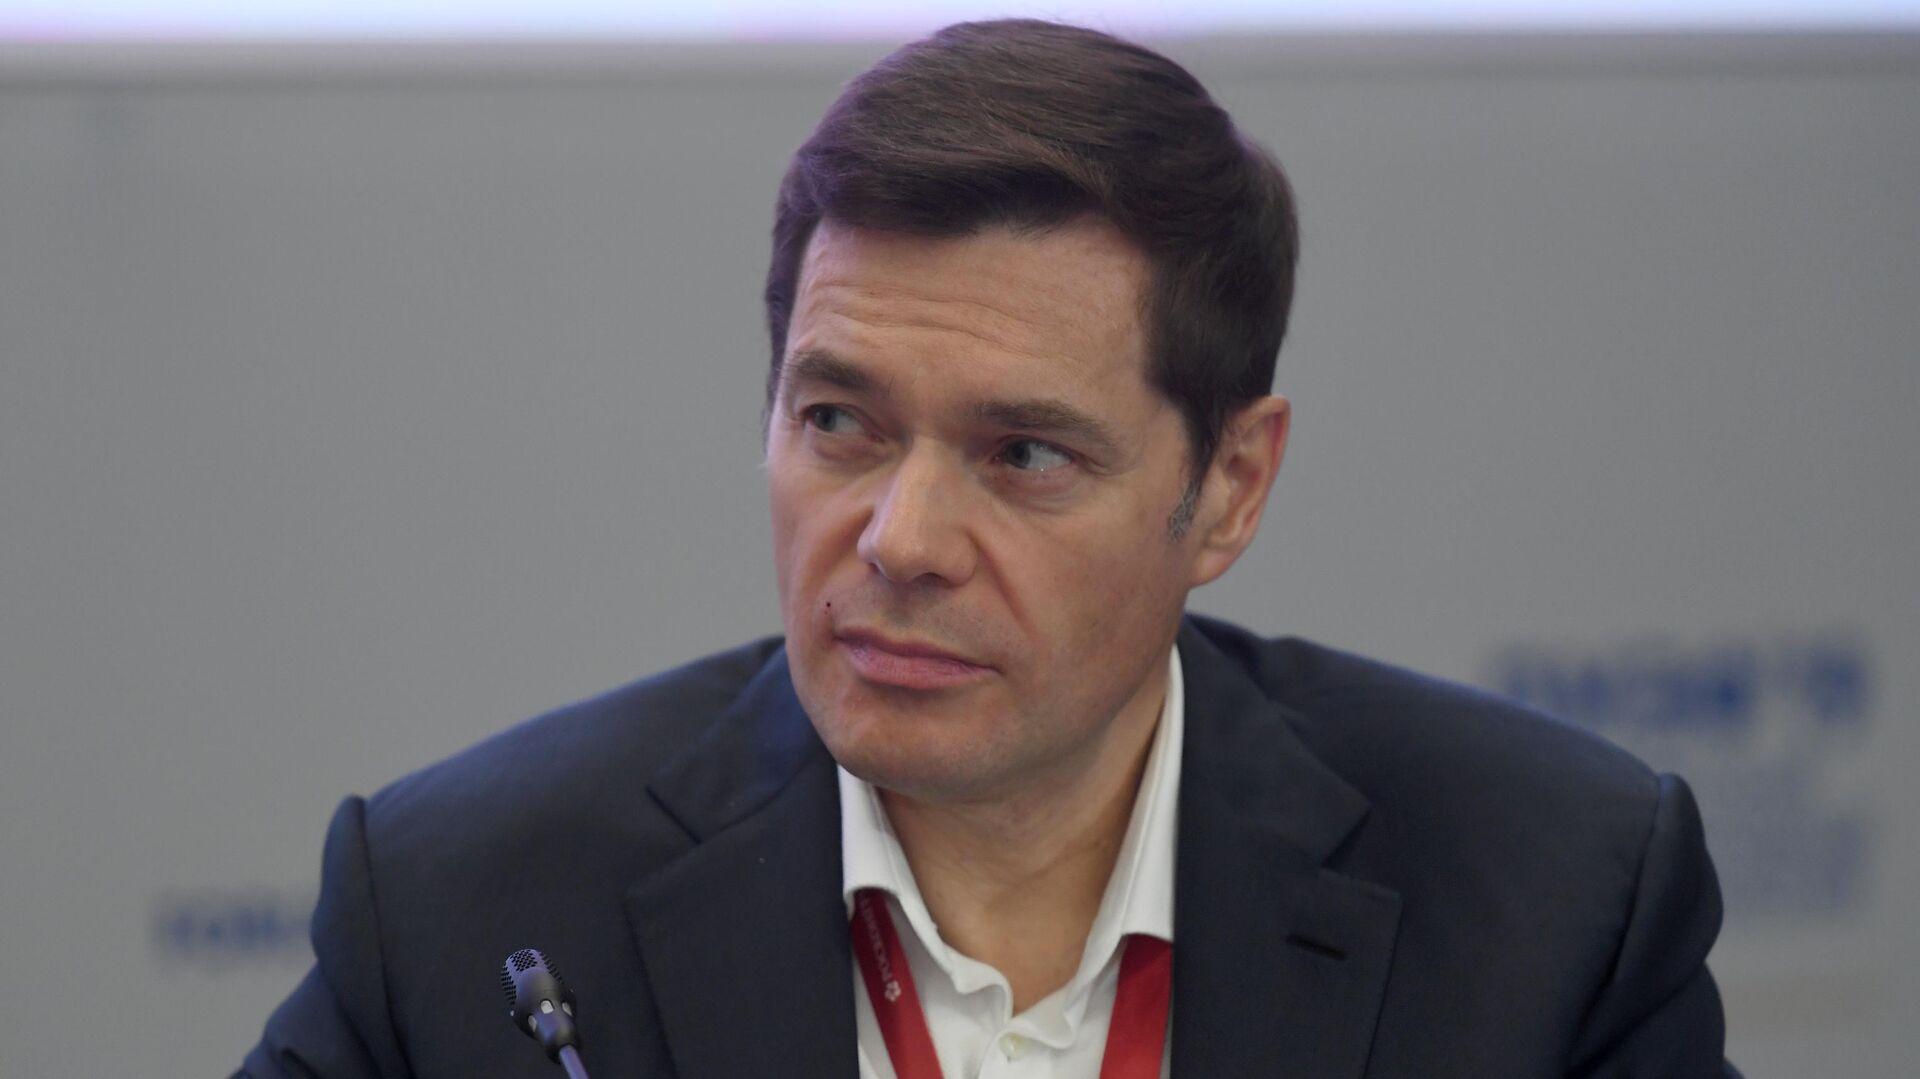 Мордашов возглавил рейтинг российских миллиардеров